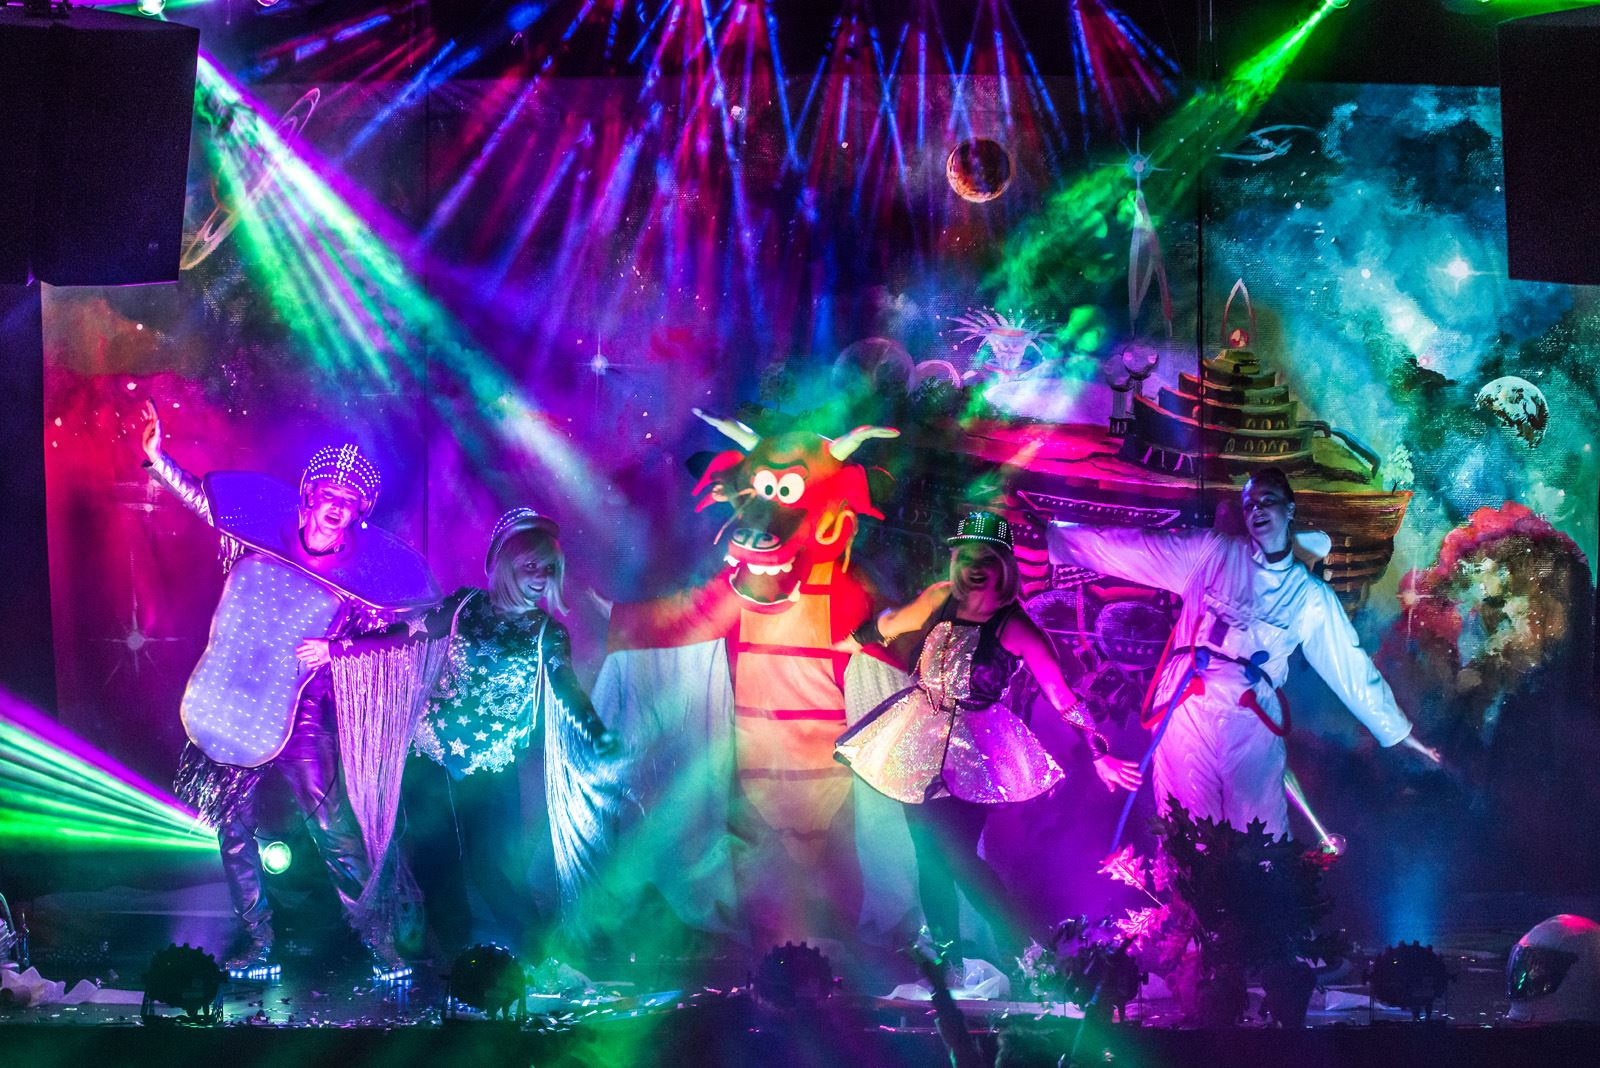 5 aktorów w kostiumach na scenie z dużą ilościa kolorowych swiateł